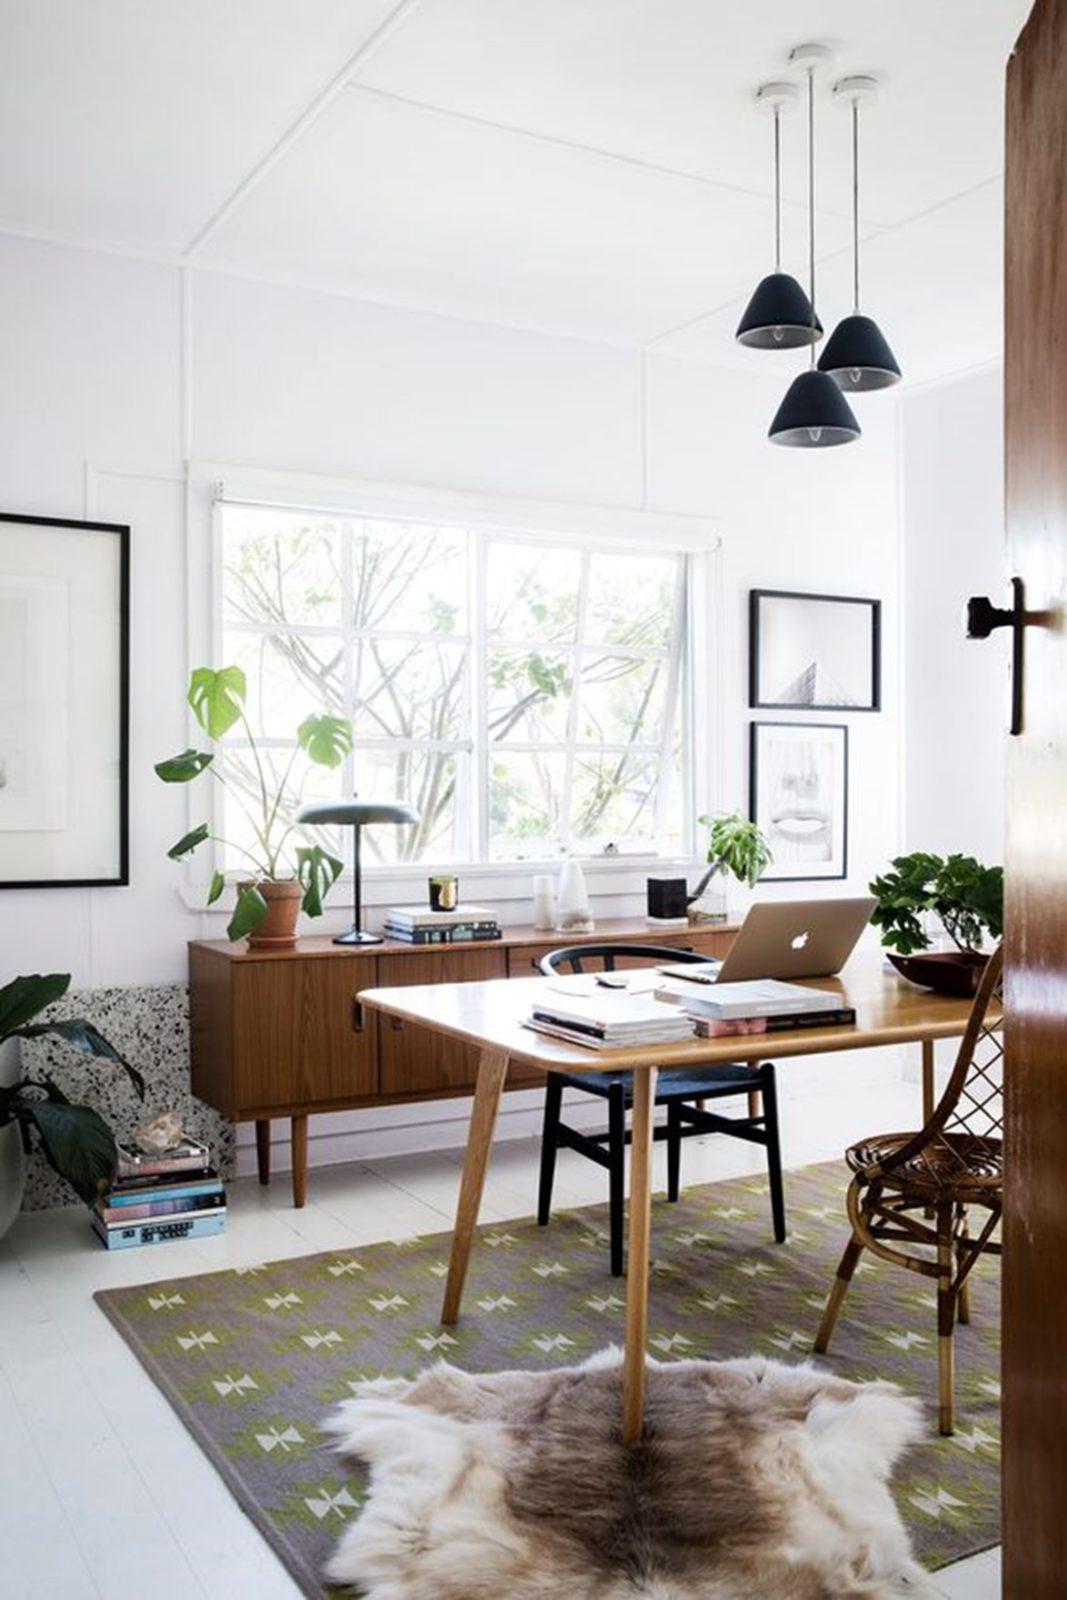 Оцените ваши конкретные желания и потребности для офиса